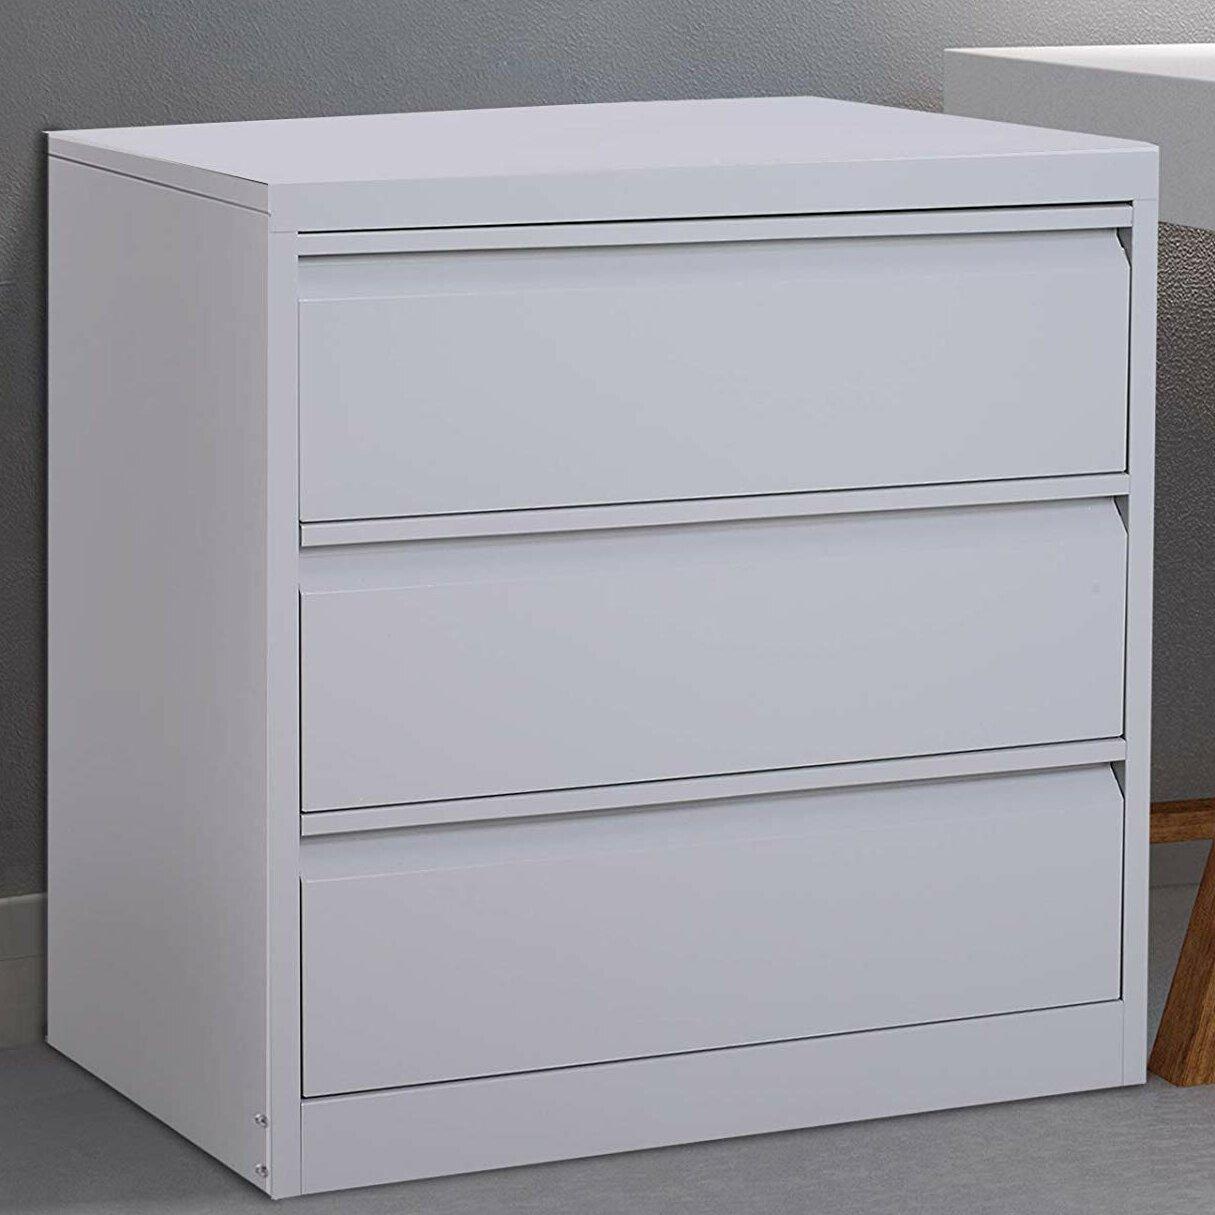 Tamra Metal 3 Drawer Lateral Filing Cabinet